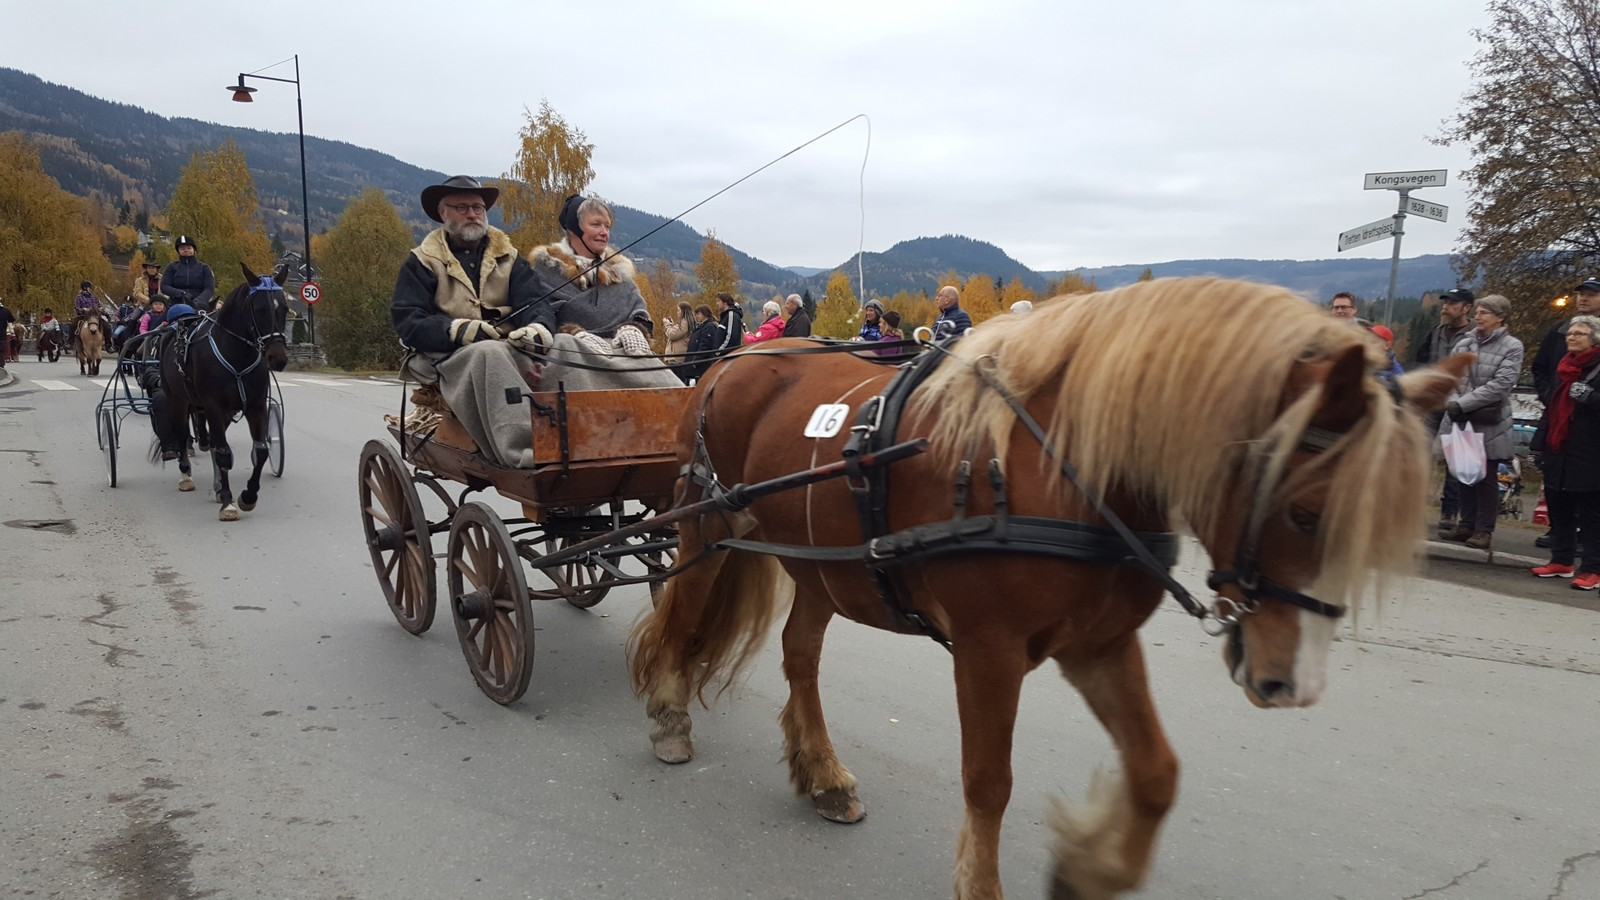 TRADISJON: Martnsopptog med hester gjennom sentrum av Tretten er en tradisjon på Stavsmartn gjennom snart 20 år.